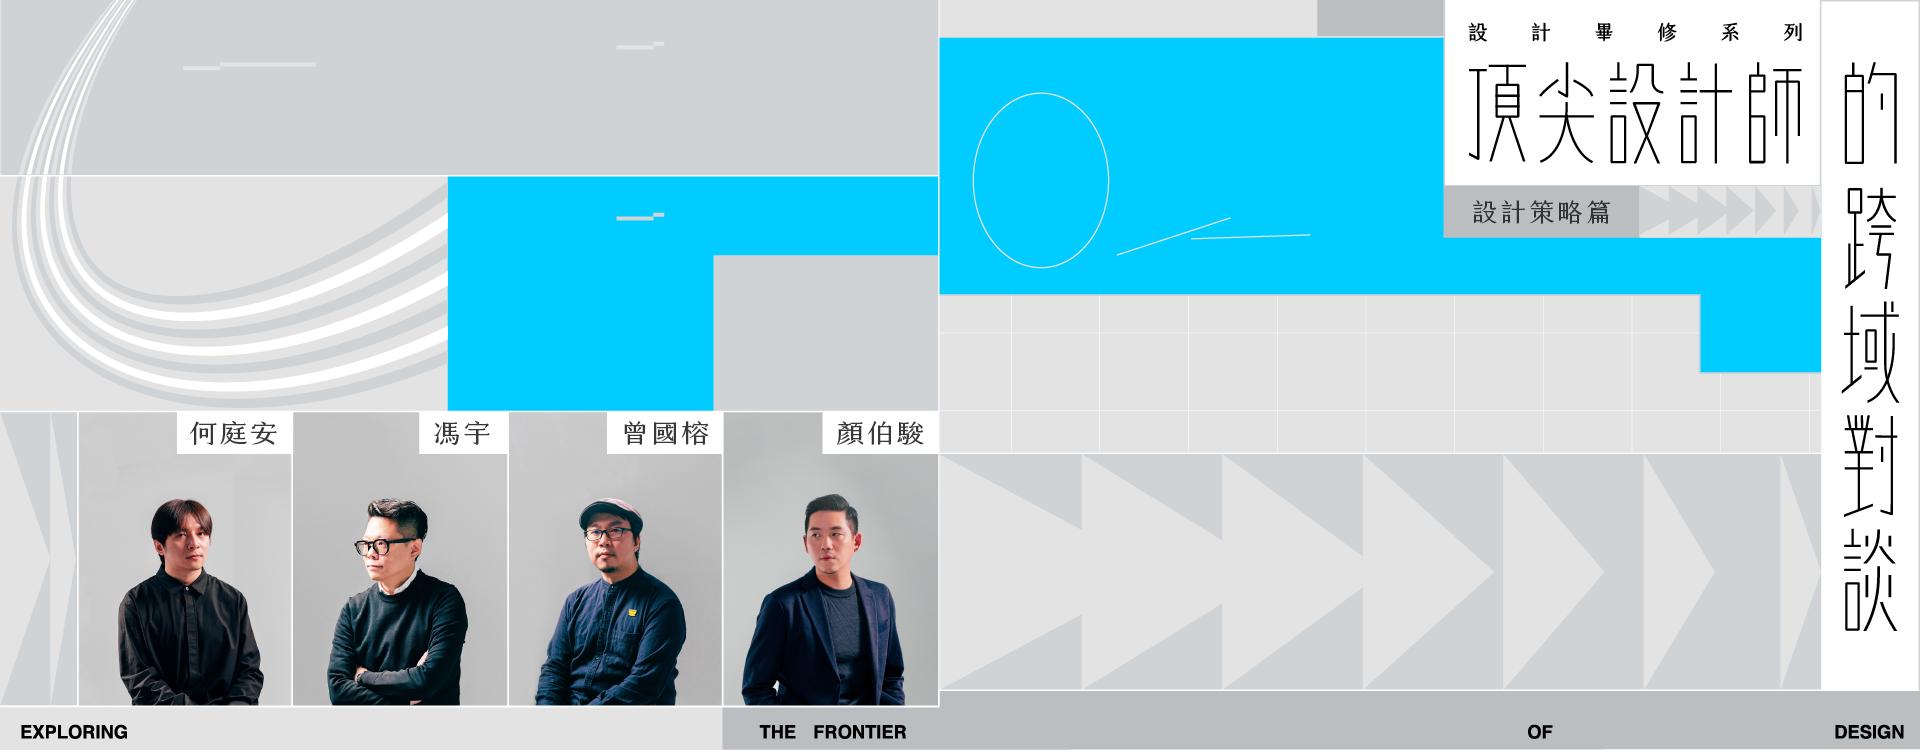 頂尖設計師的跨域對談 | 設計策略篇